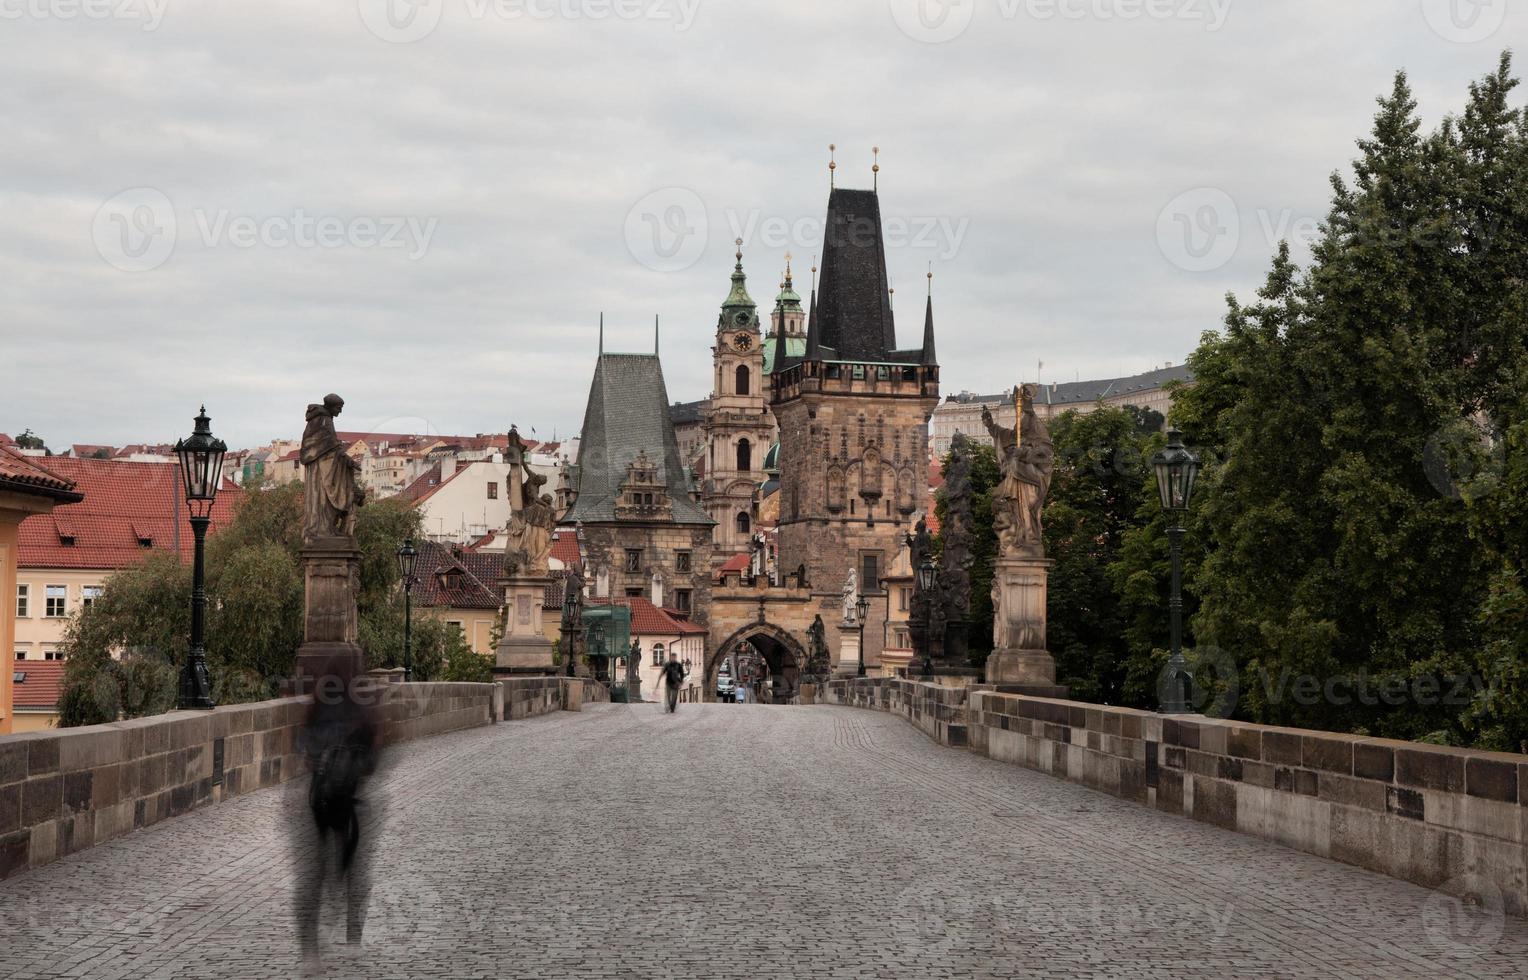 historische Charles-brug in Praag, Tsjechische Republiek foto